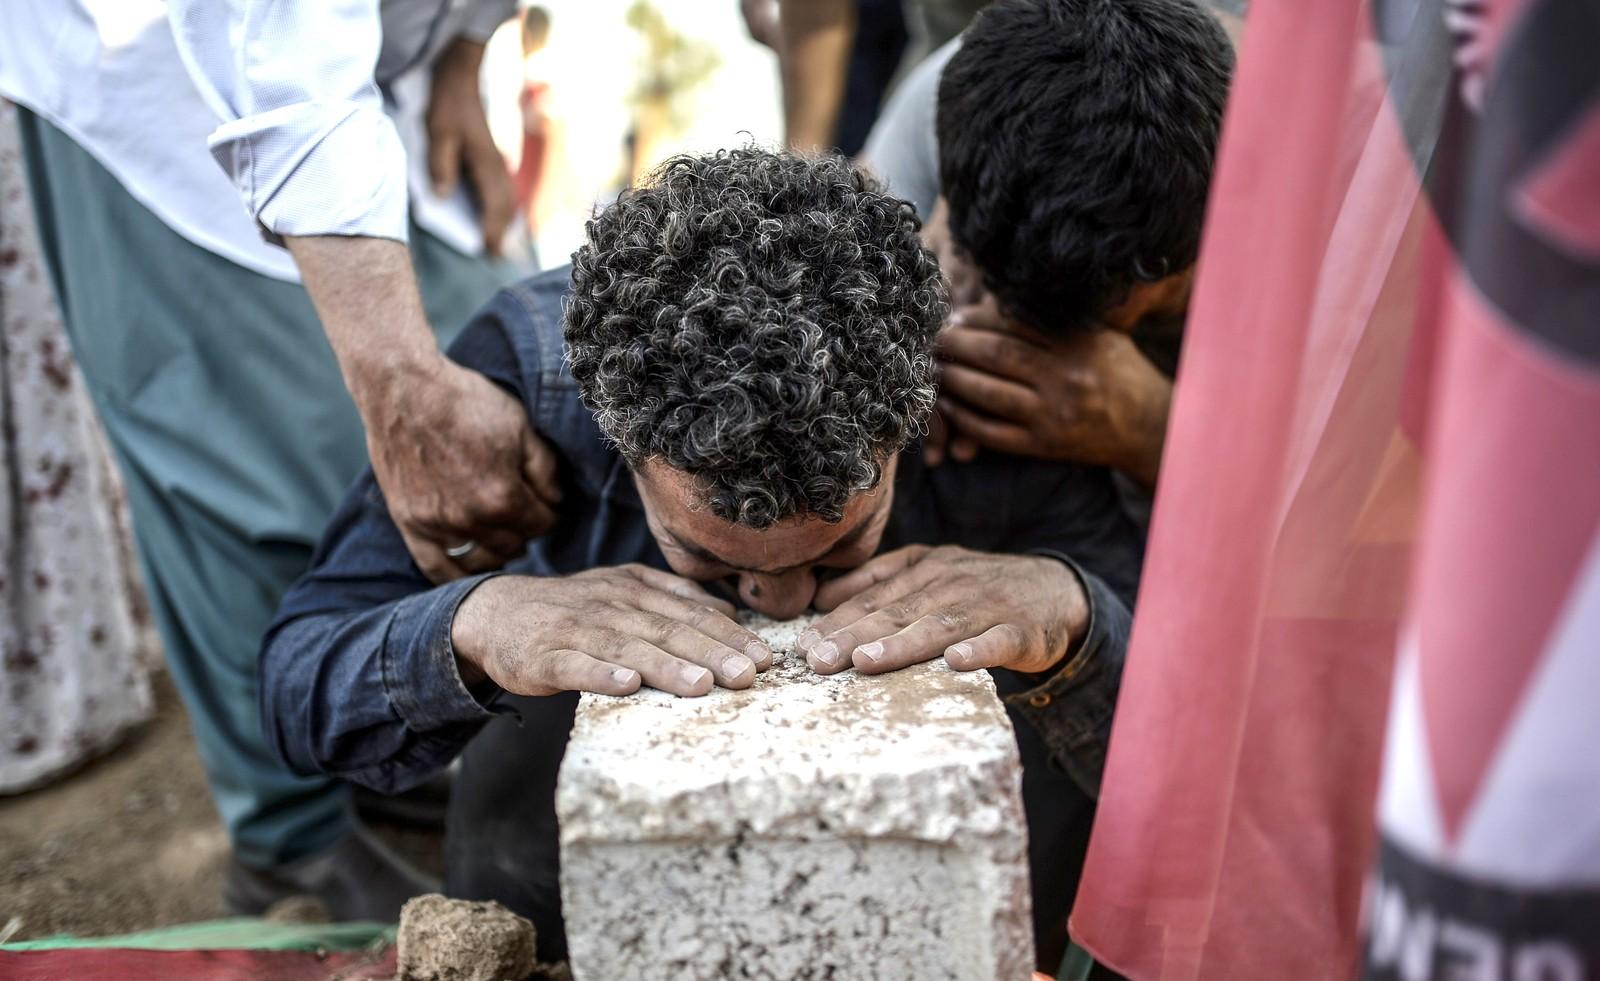 32 mennesker ble drept og over 100 såret i et selvmordsangrep mot et ungdomssenter i Suruc i Tyrkia 20. juli. Her er en sørgende mann i begravelsesseremonien dagen etter.